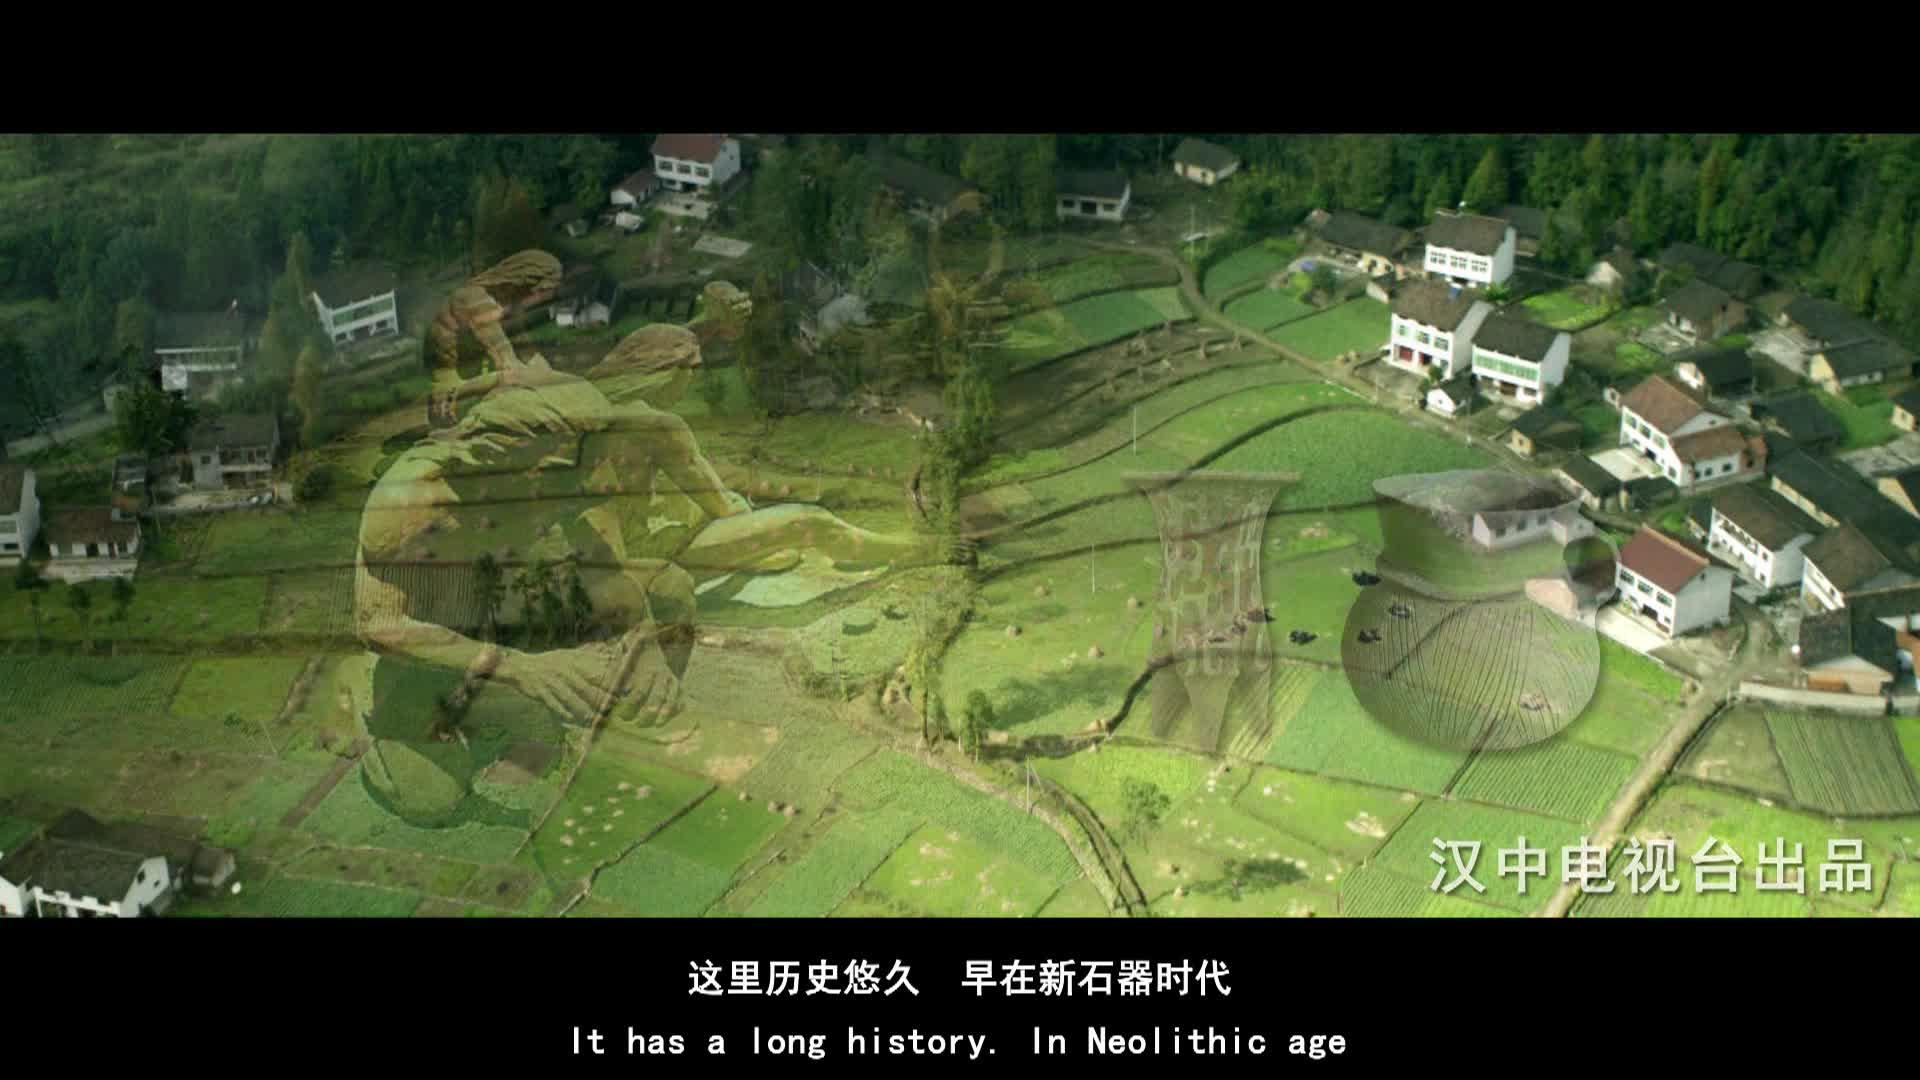 汉中城市宣传片